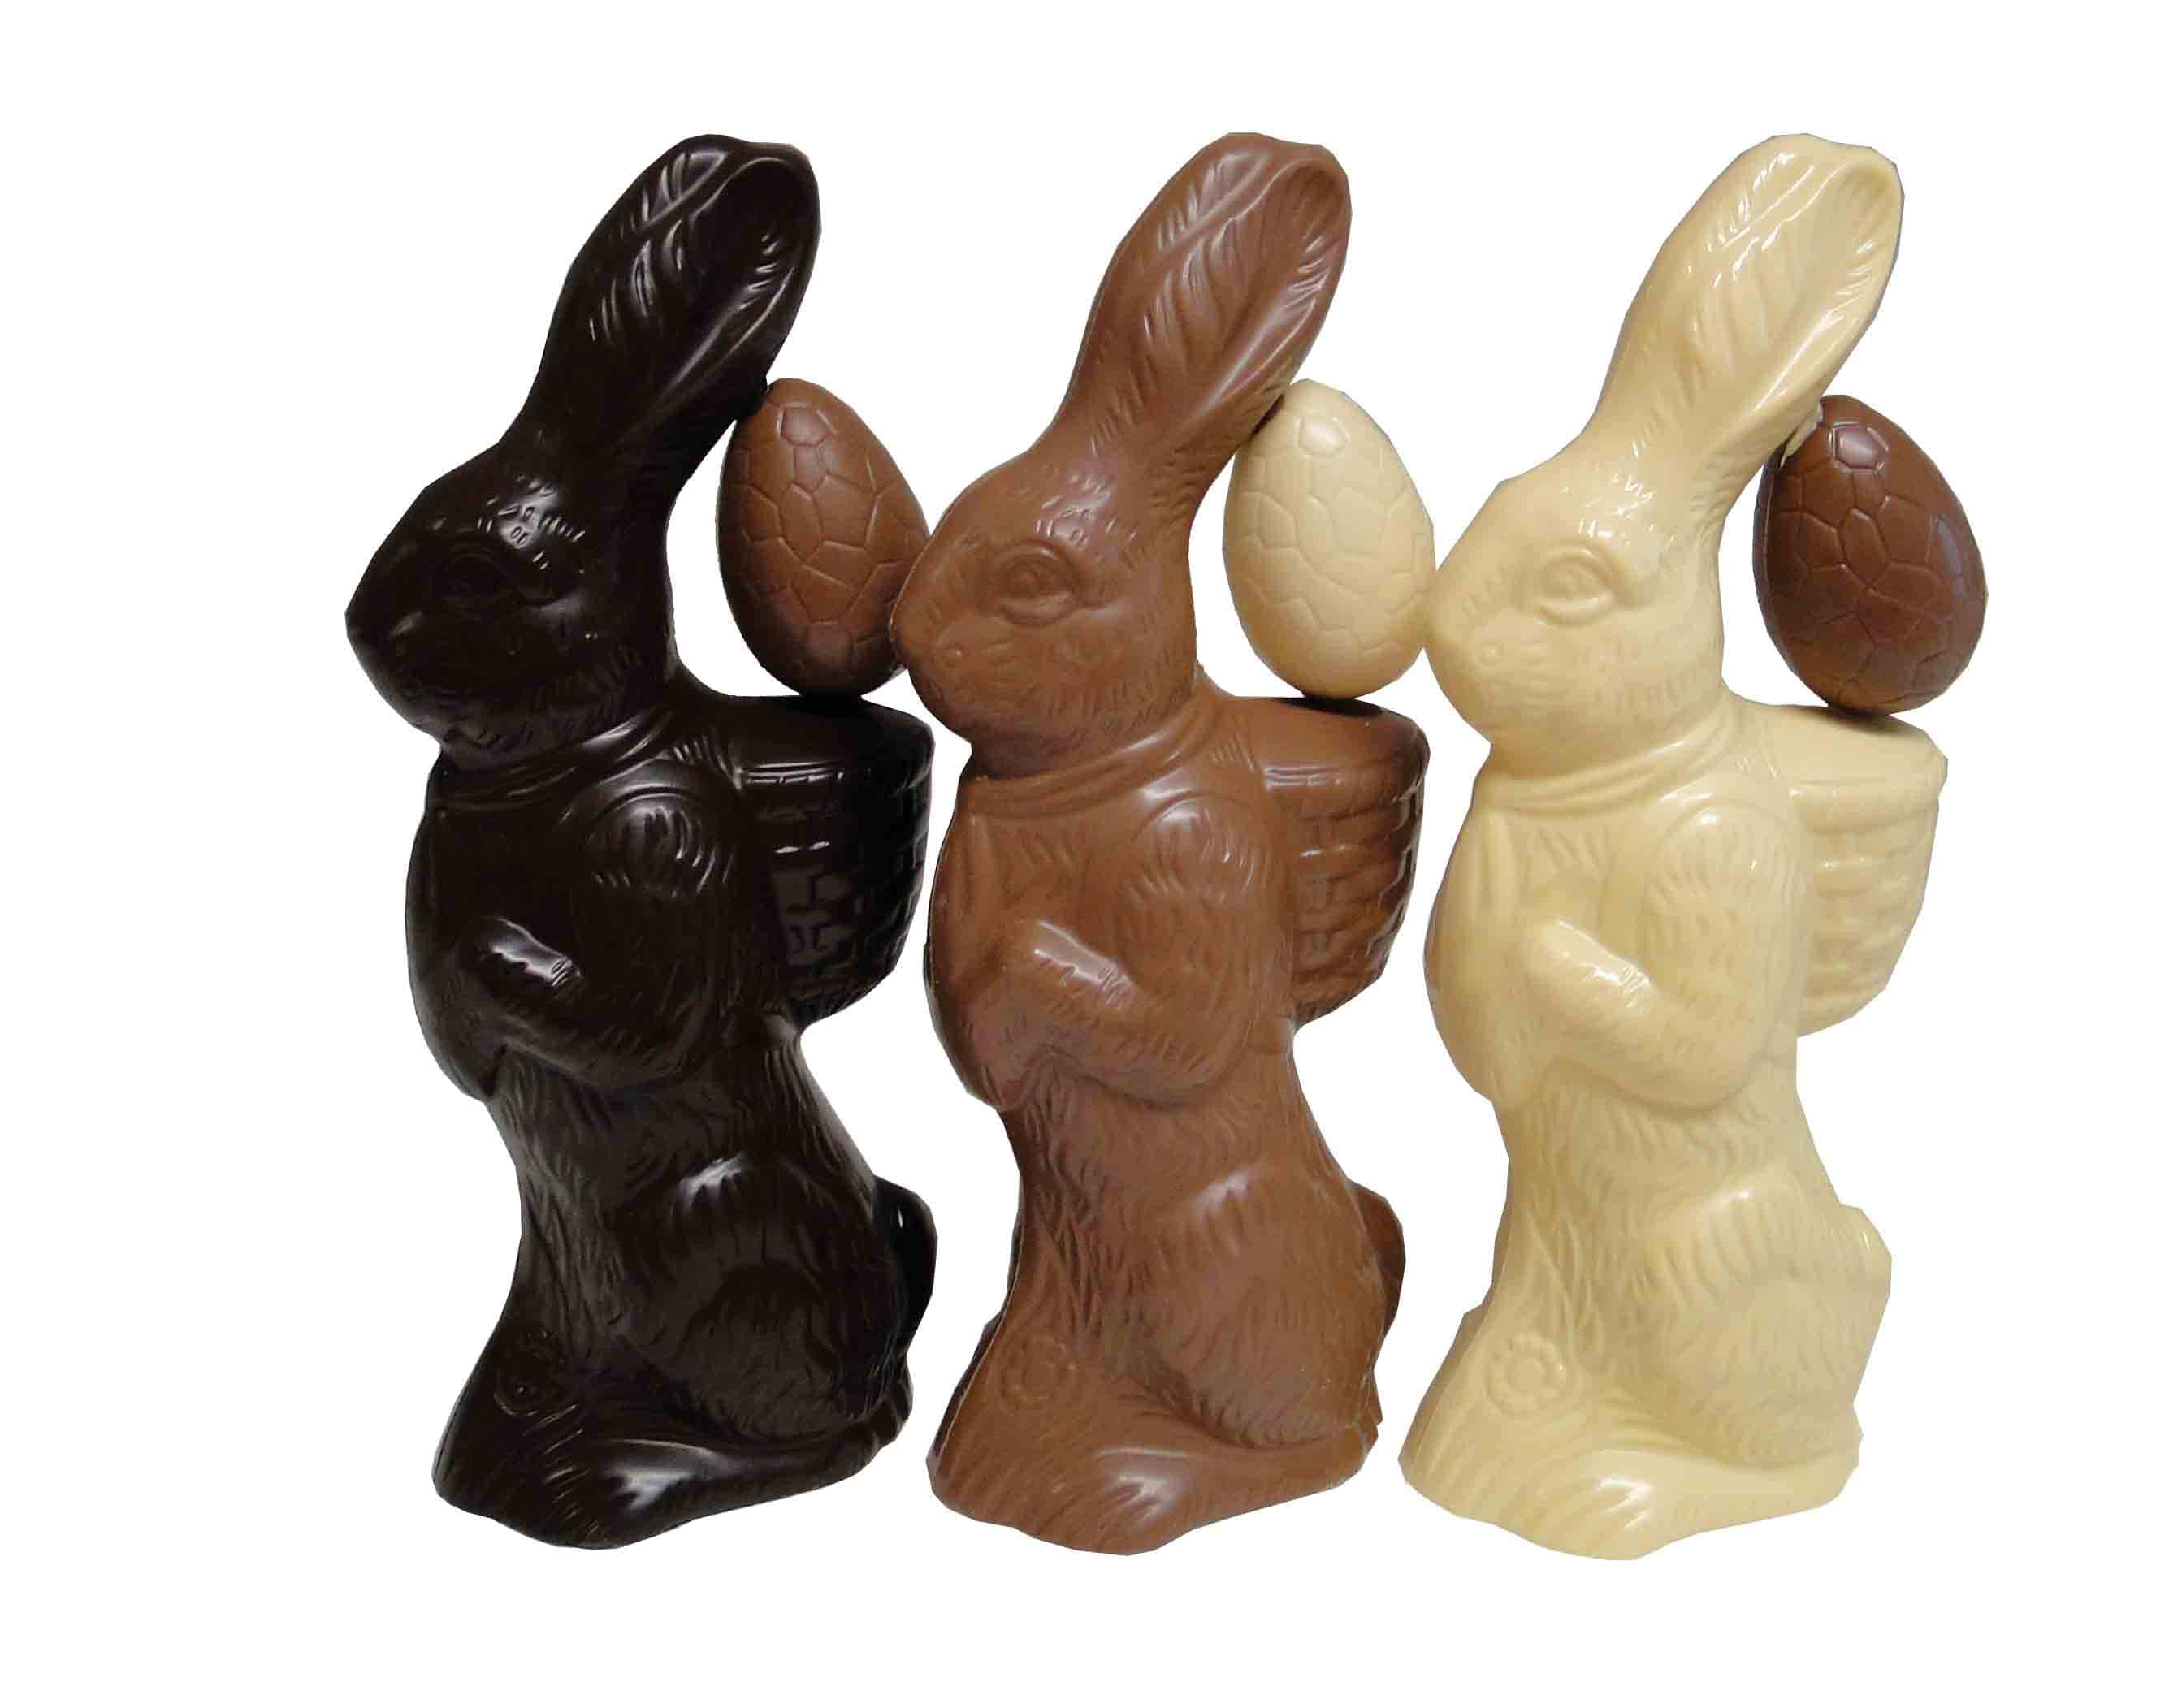 Paaschocolade verrassingen maken